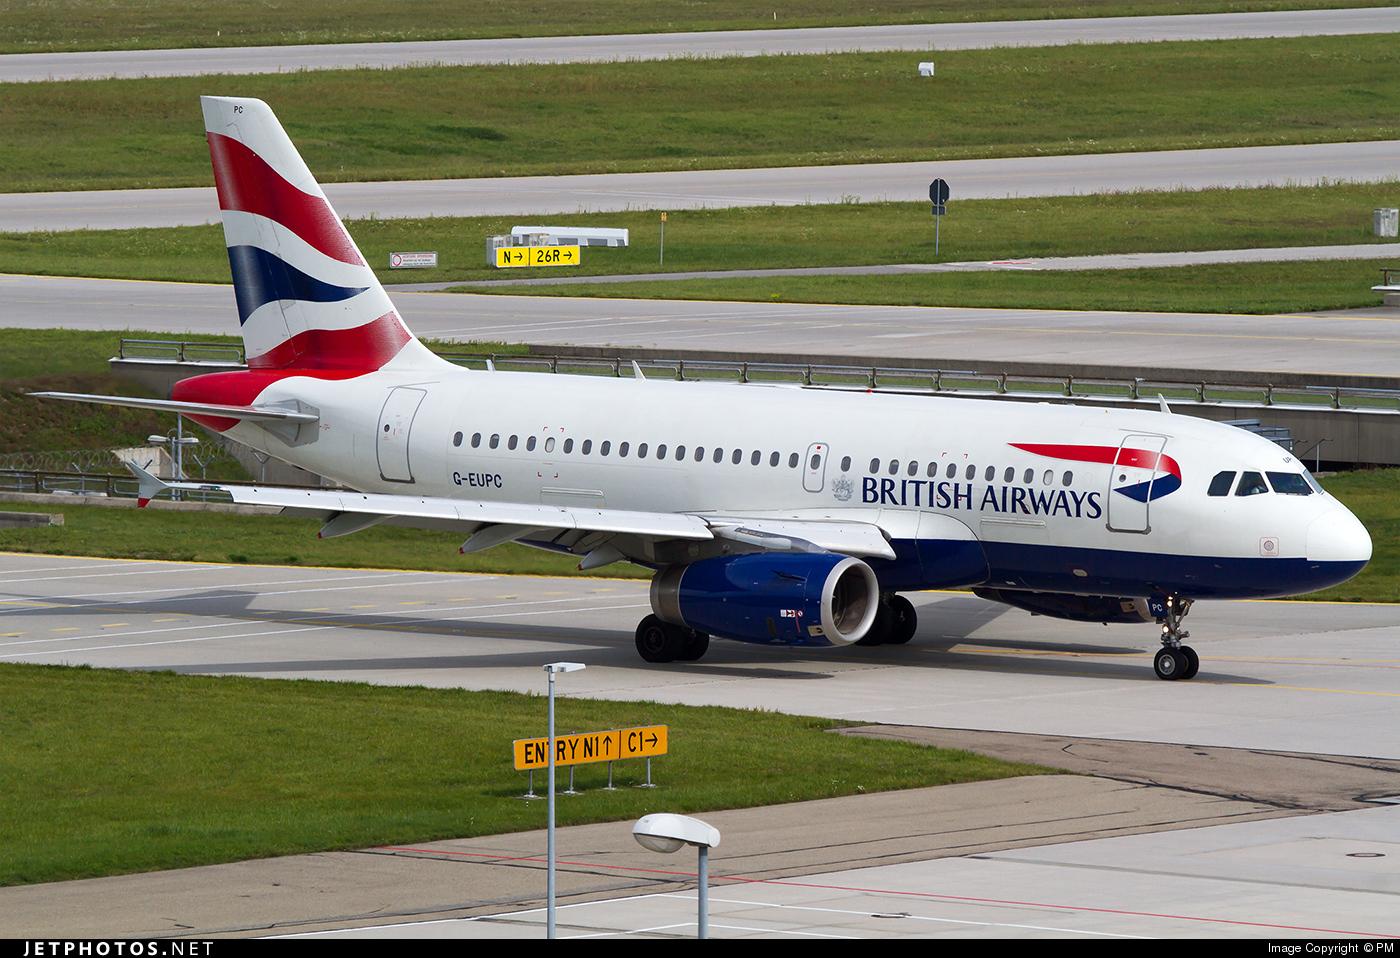 G-EUPC - Airbus A319-131 - British Airways